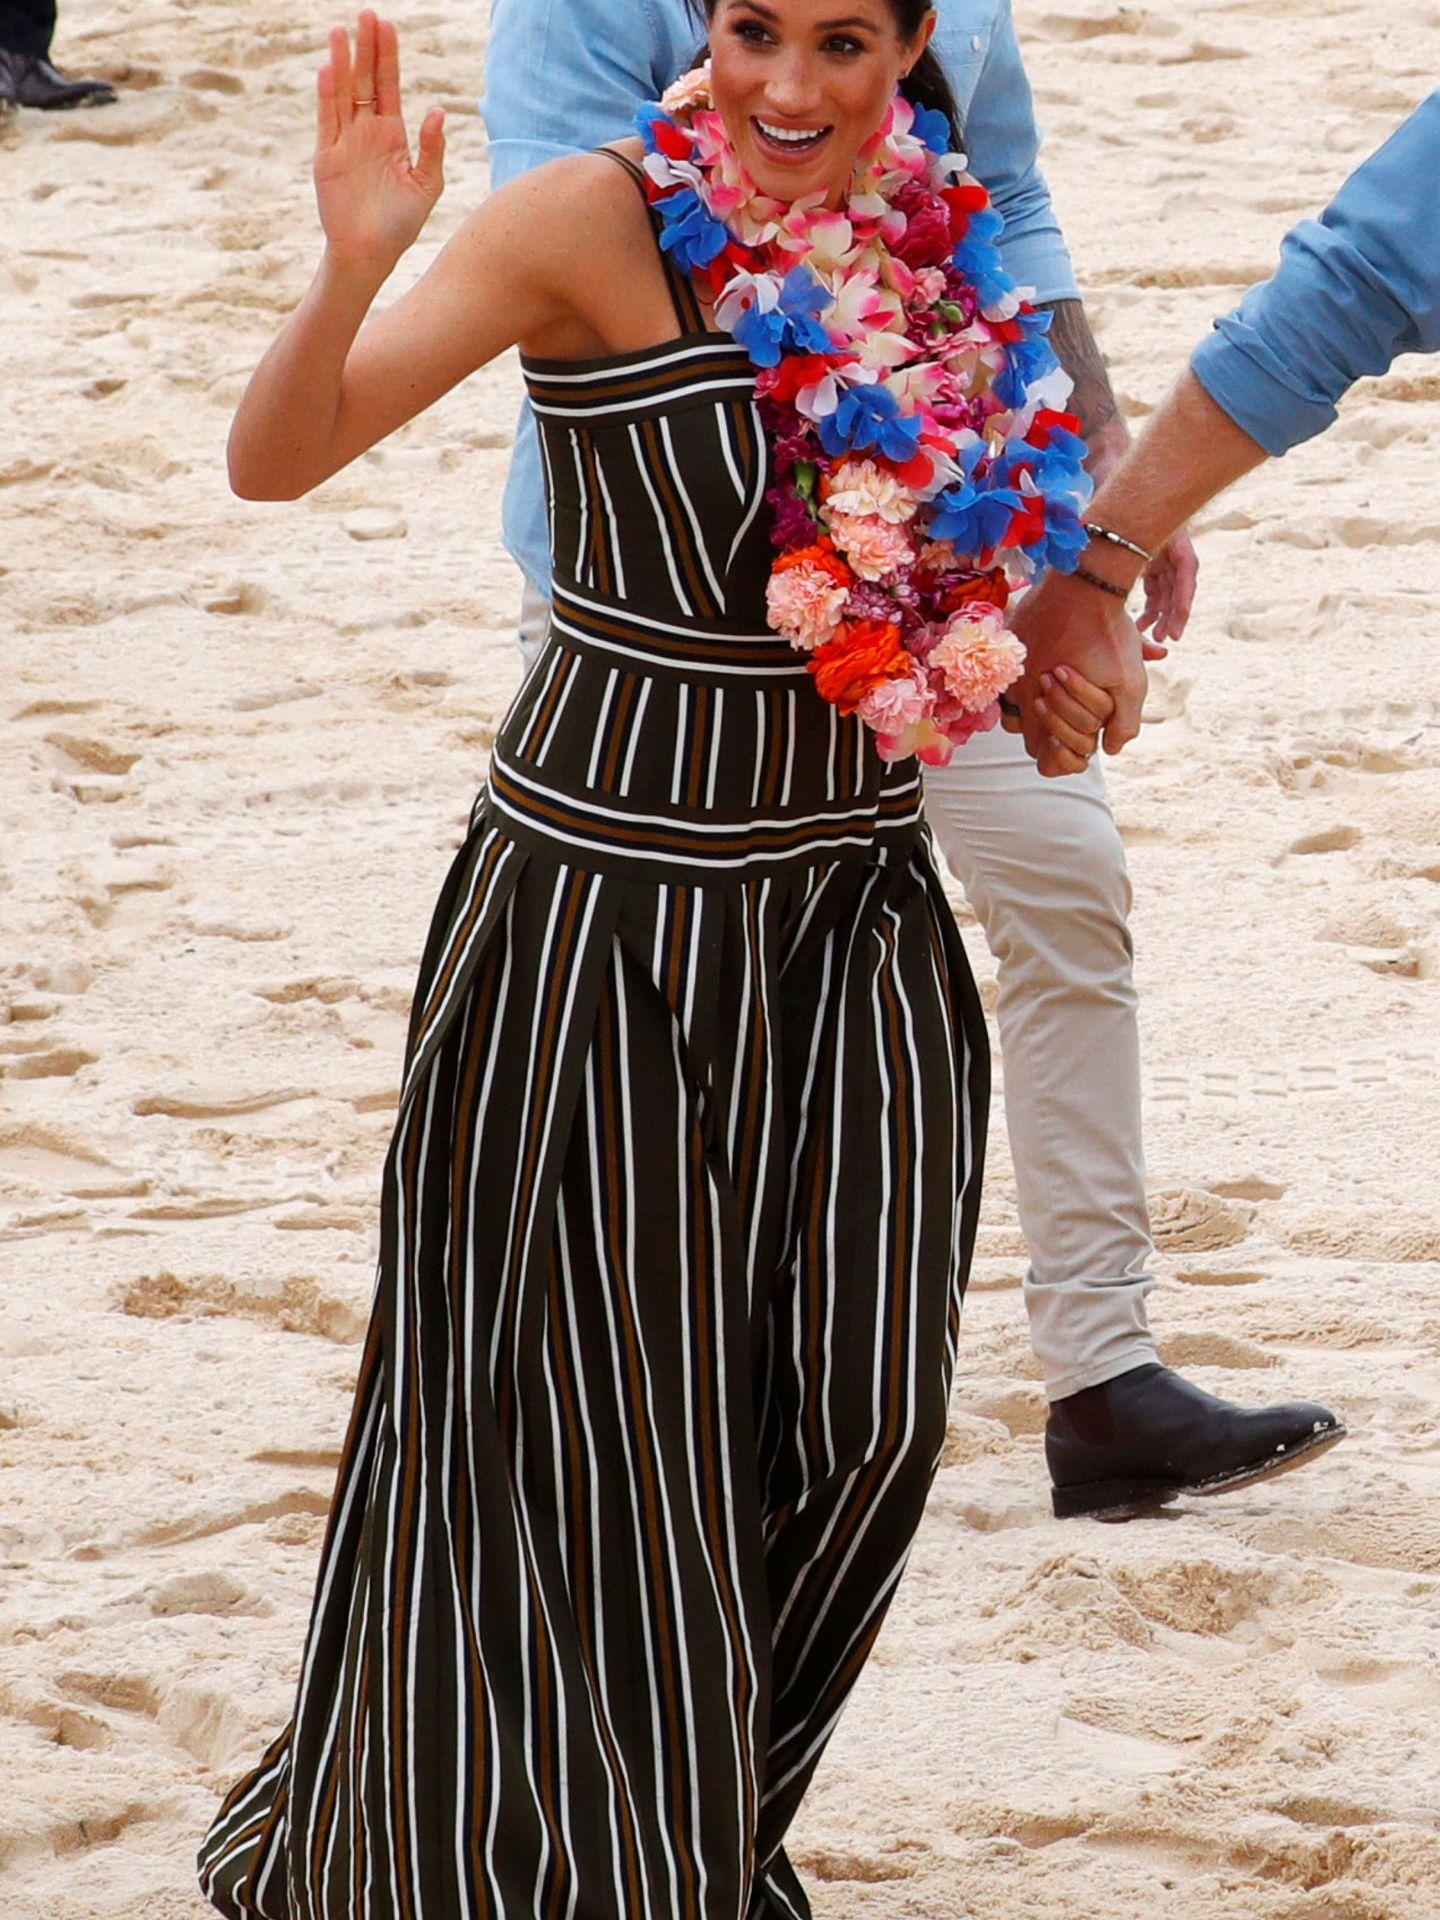 Meghan en Bondy Beach. (Reuters)